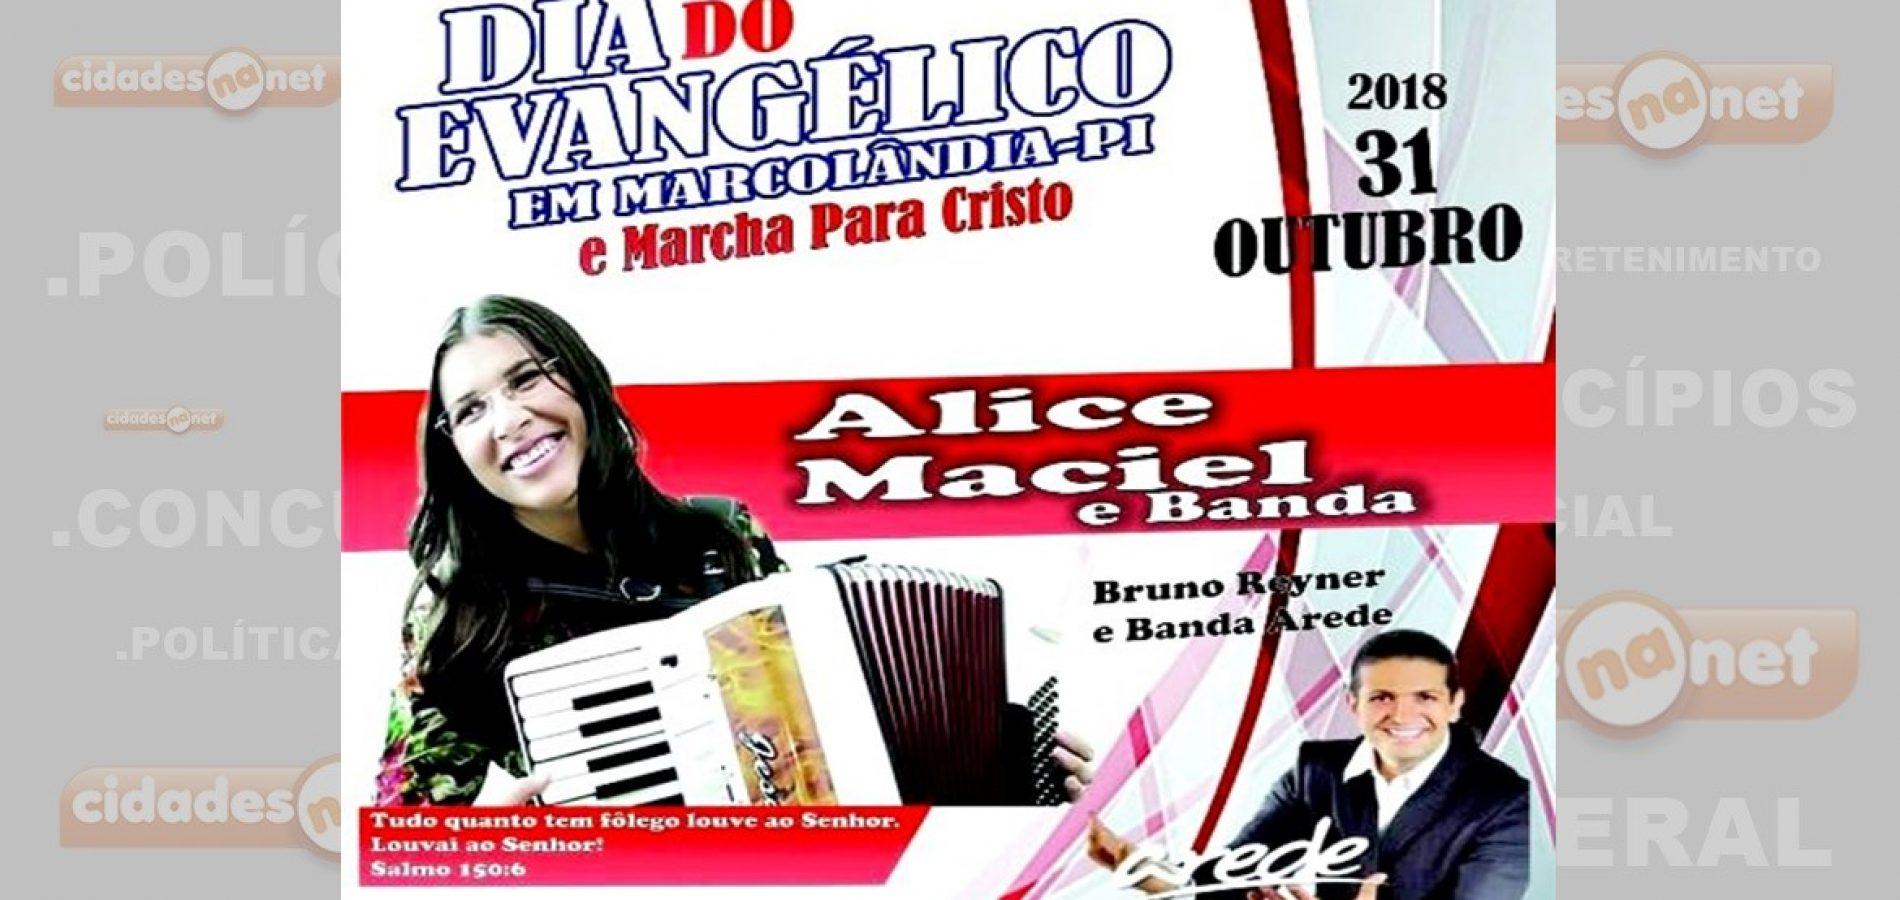 MARCOLÂNDIA | Marcha para Cristo e show musical marcará Dia do Evangélico